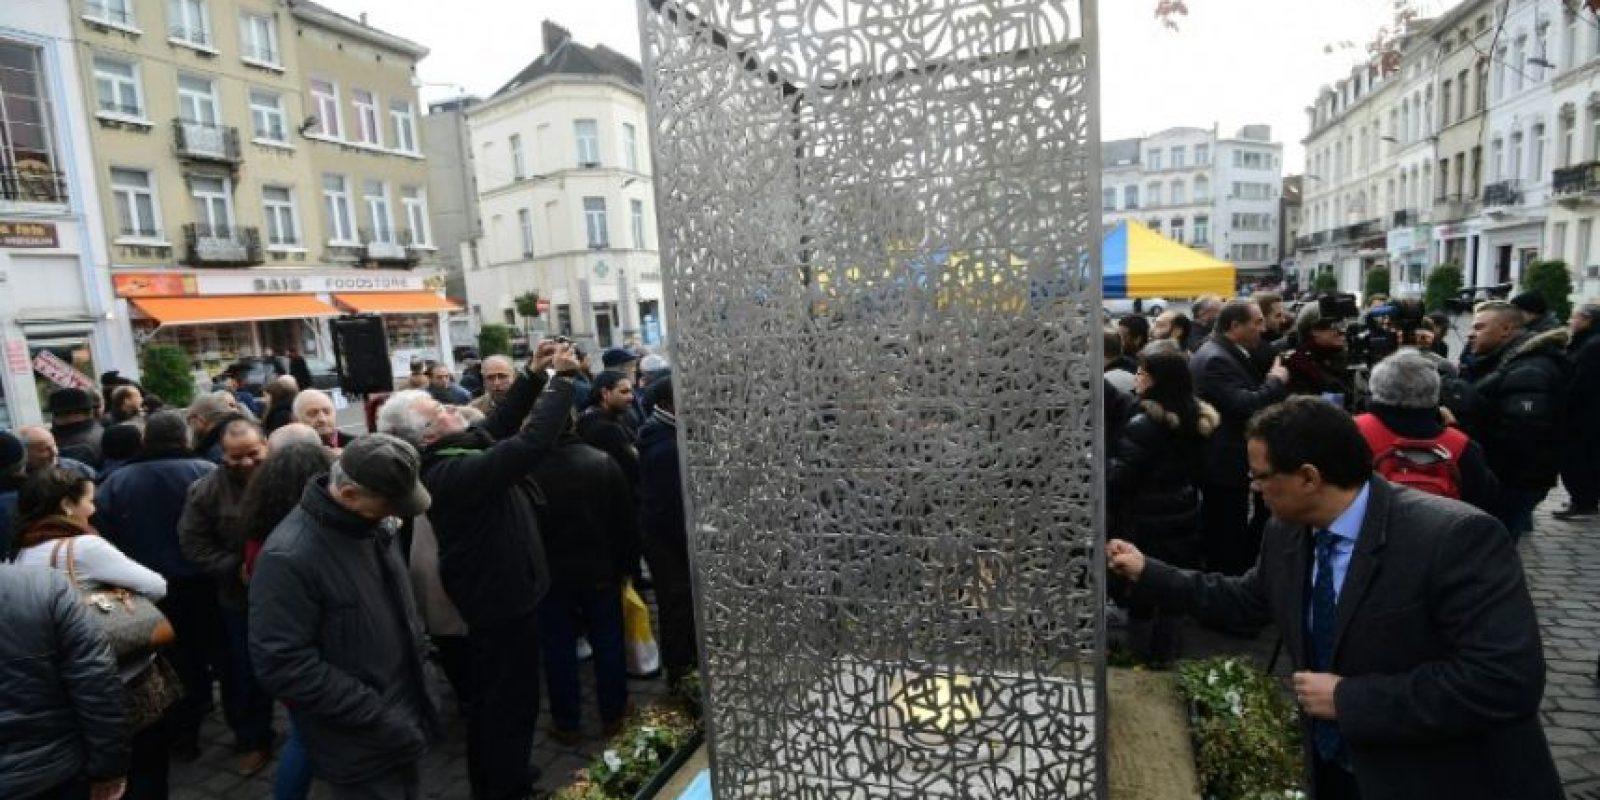 """Peatones contemplan la obra de arte """"Llama de la Esperanza"""" después de que funcionarios desvelaran la escultura en memoria de las víctimas de los atentados terroristas en París y Bruselas en el distrito de Molenbeek, en Bruselas, el 8 de noviembre de 2016. Foto:EMMANUEL DUNAND/afp.com"""